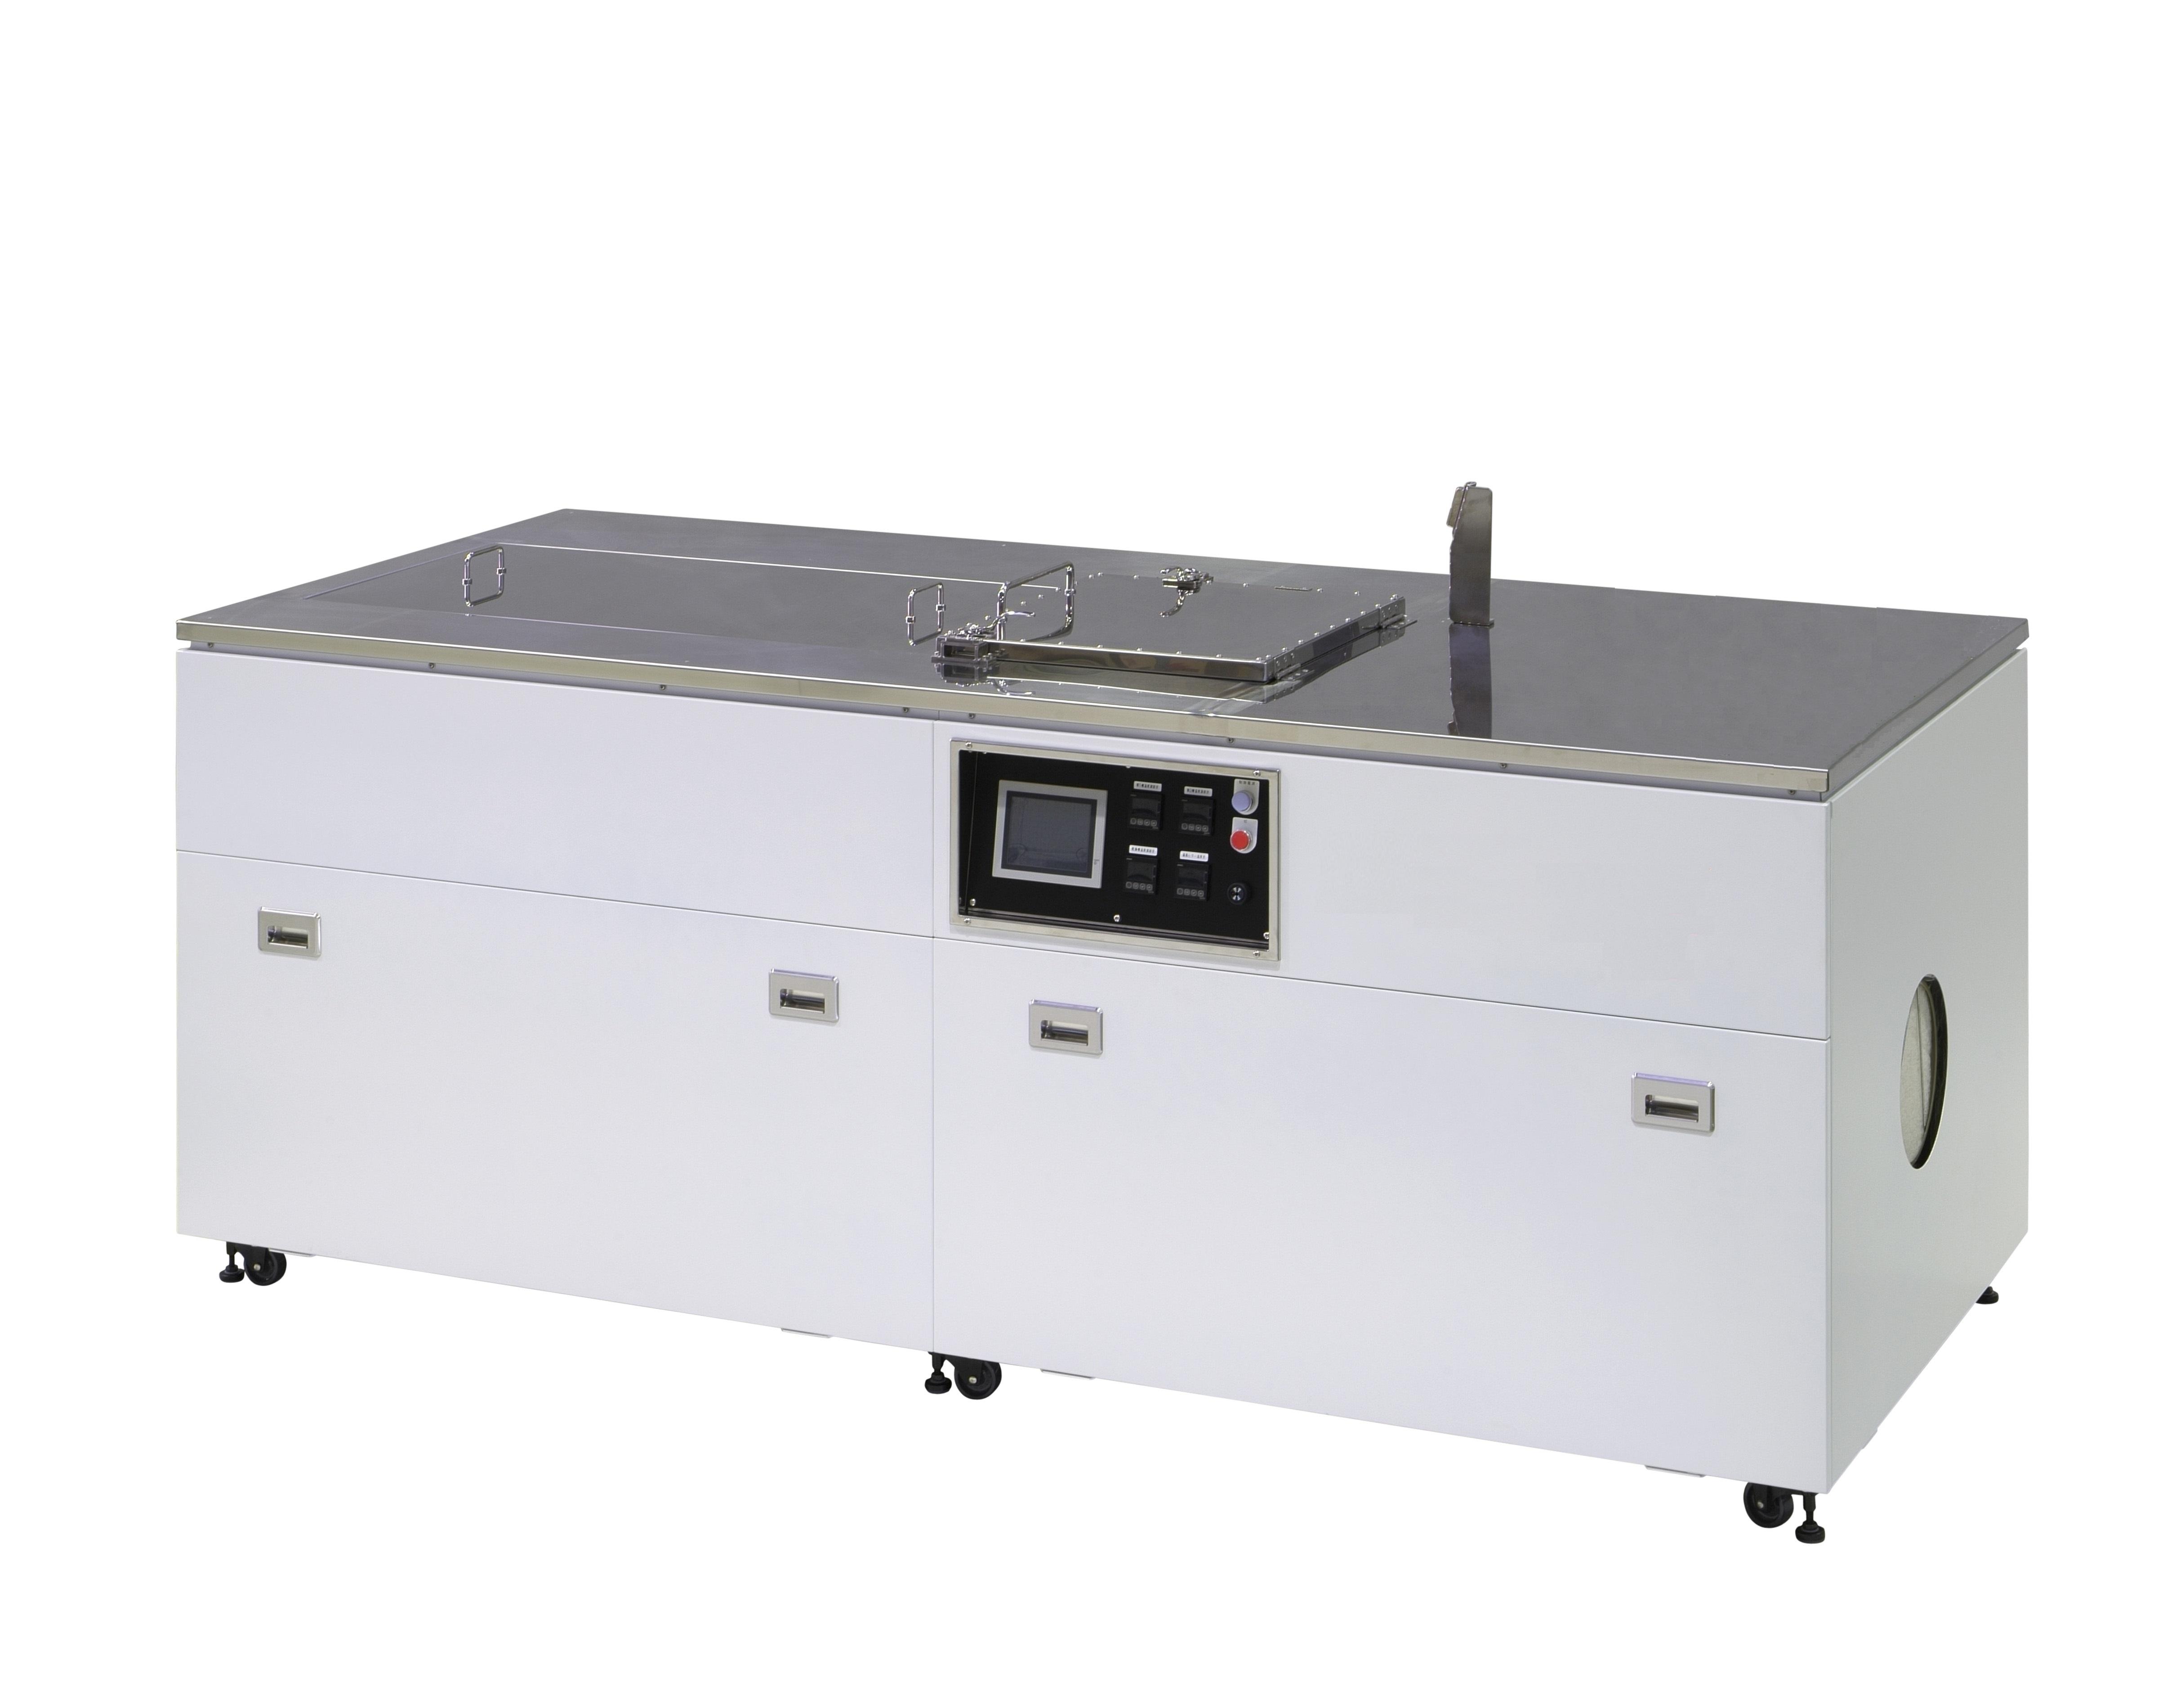 【事例紹介】炭化水素系3槽式超音波洗浄装置(吸引乾燥式)